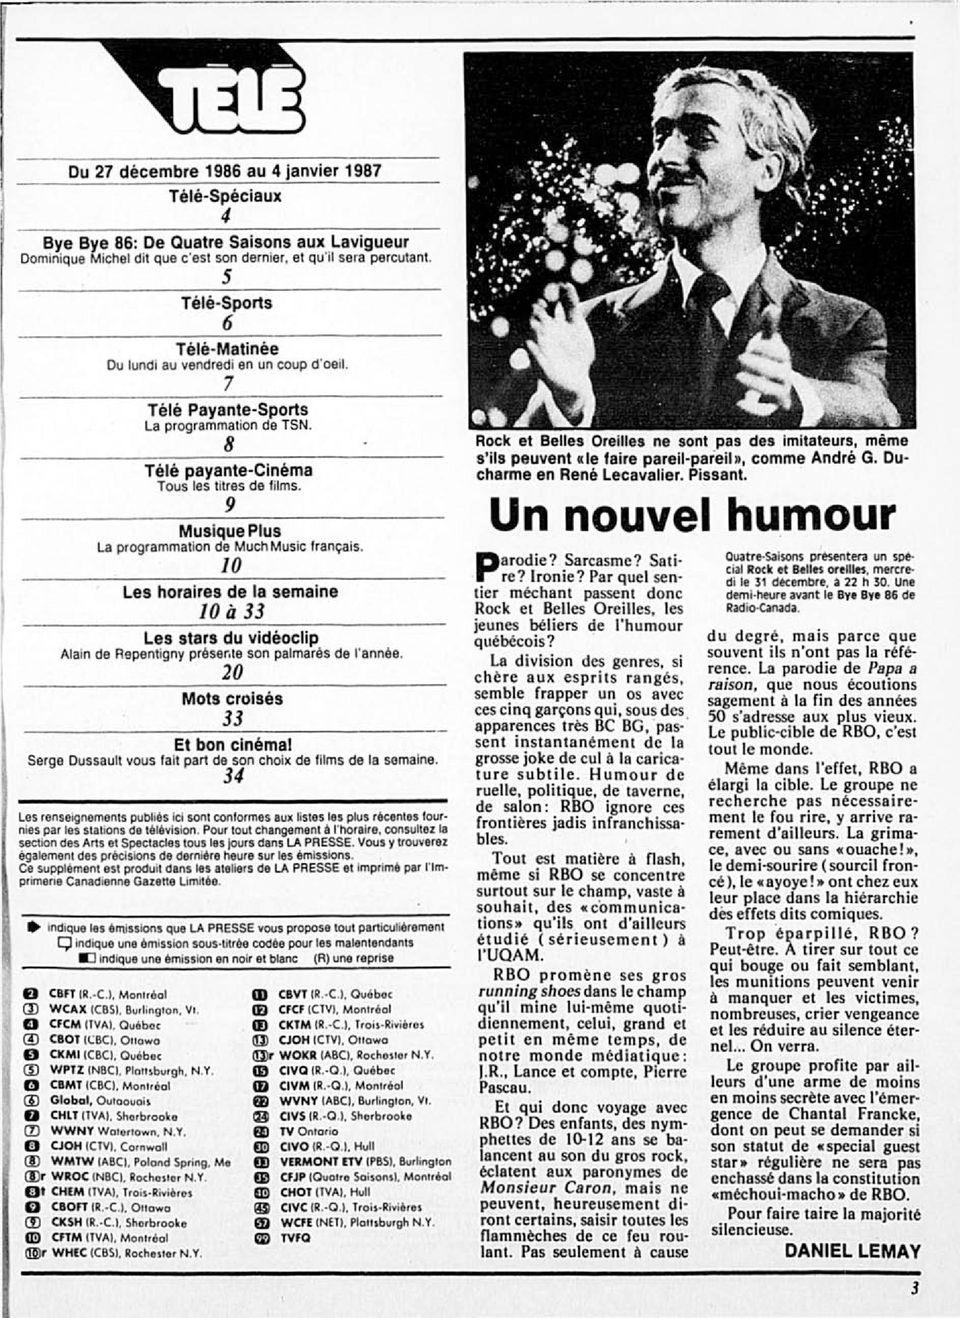 Si/ Nos Aubaines Fantastiques Vous Laisseront Dormir En Paix intérieur Dictionnaire Des Mots Croisés Gator